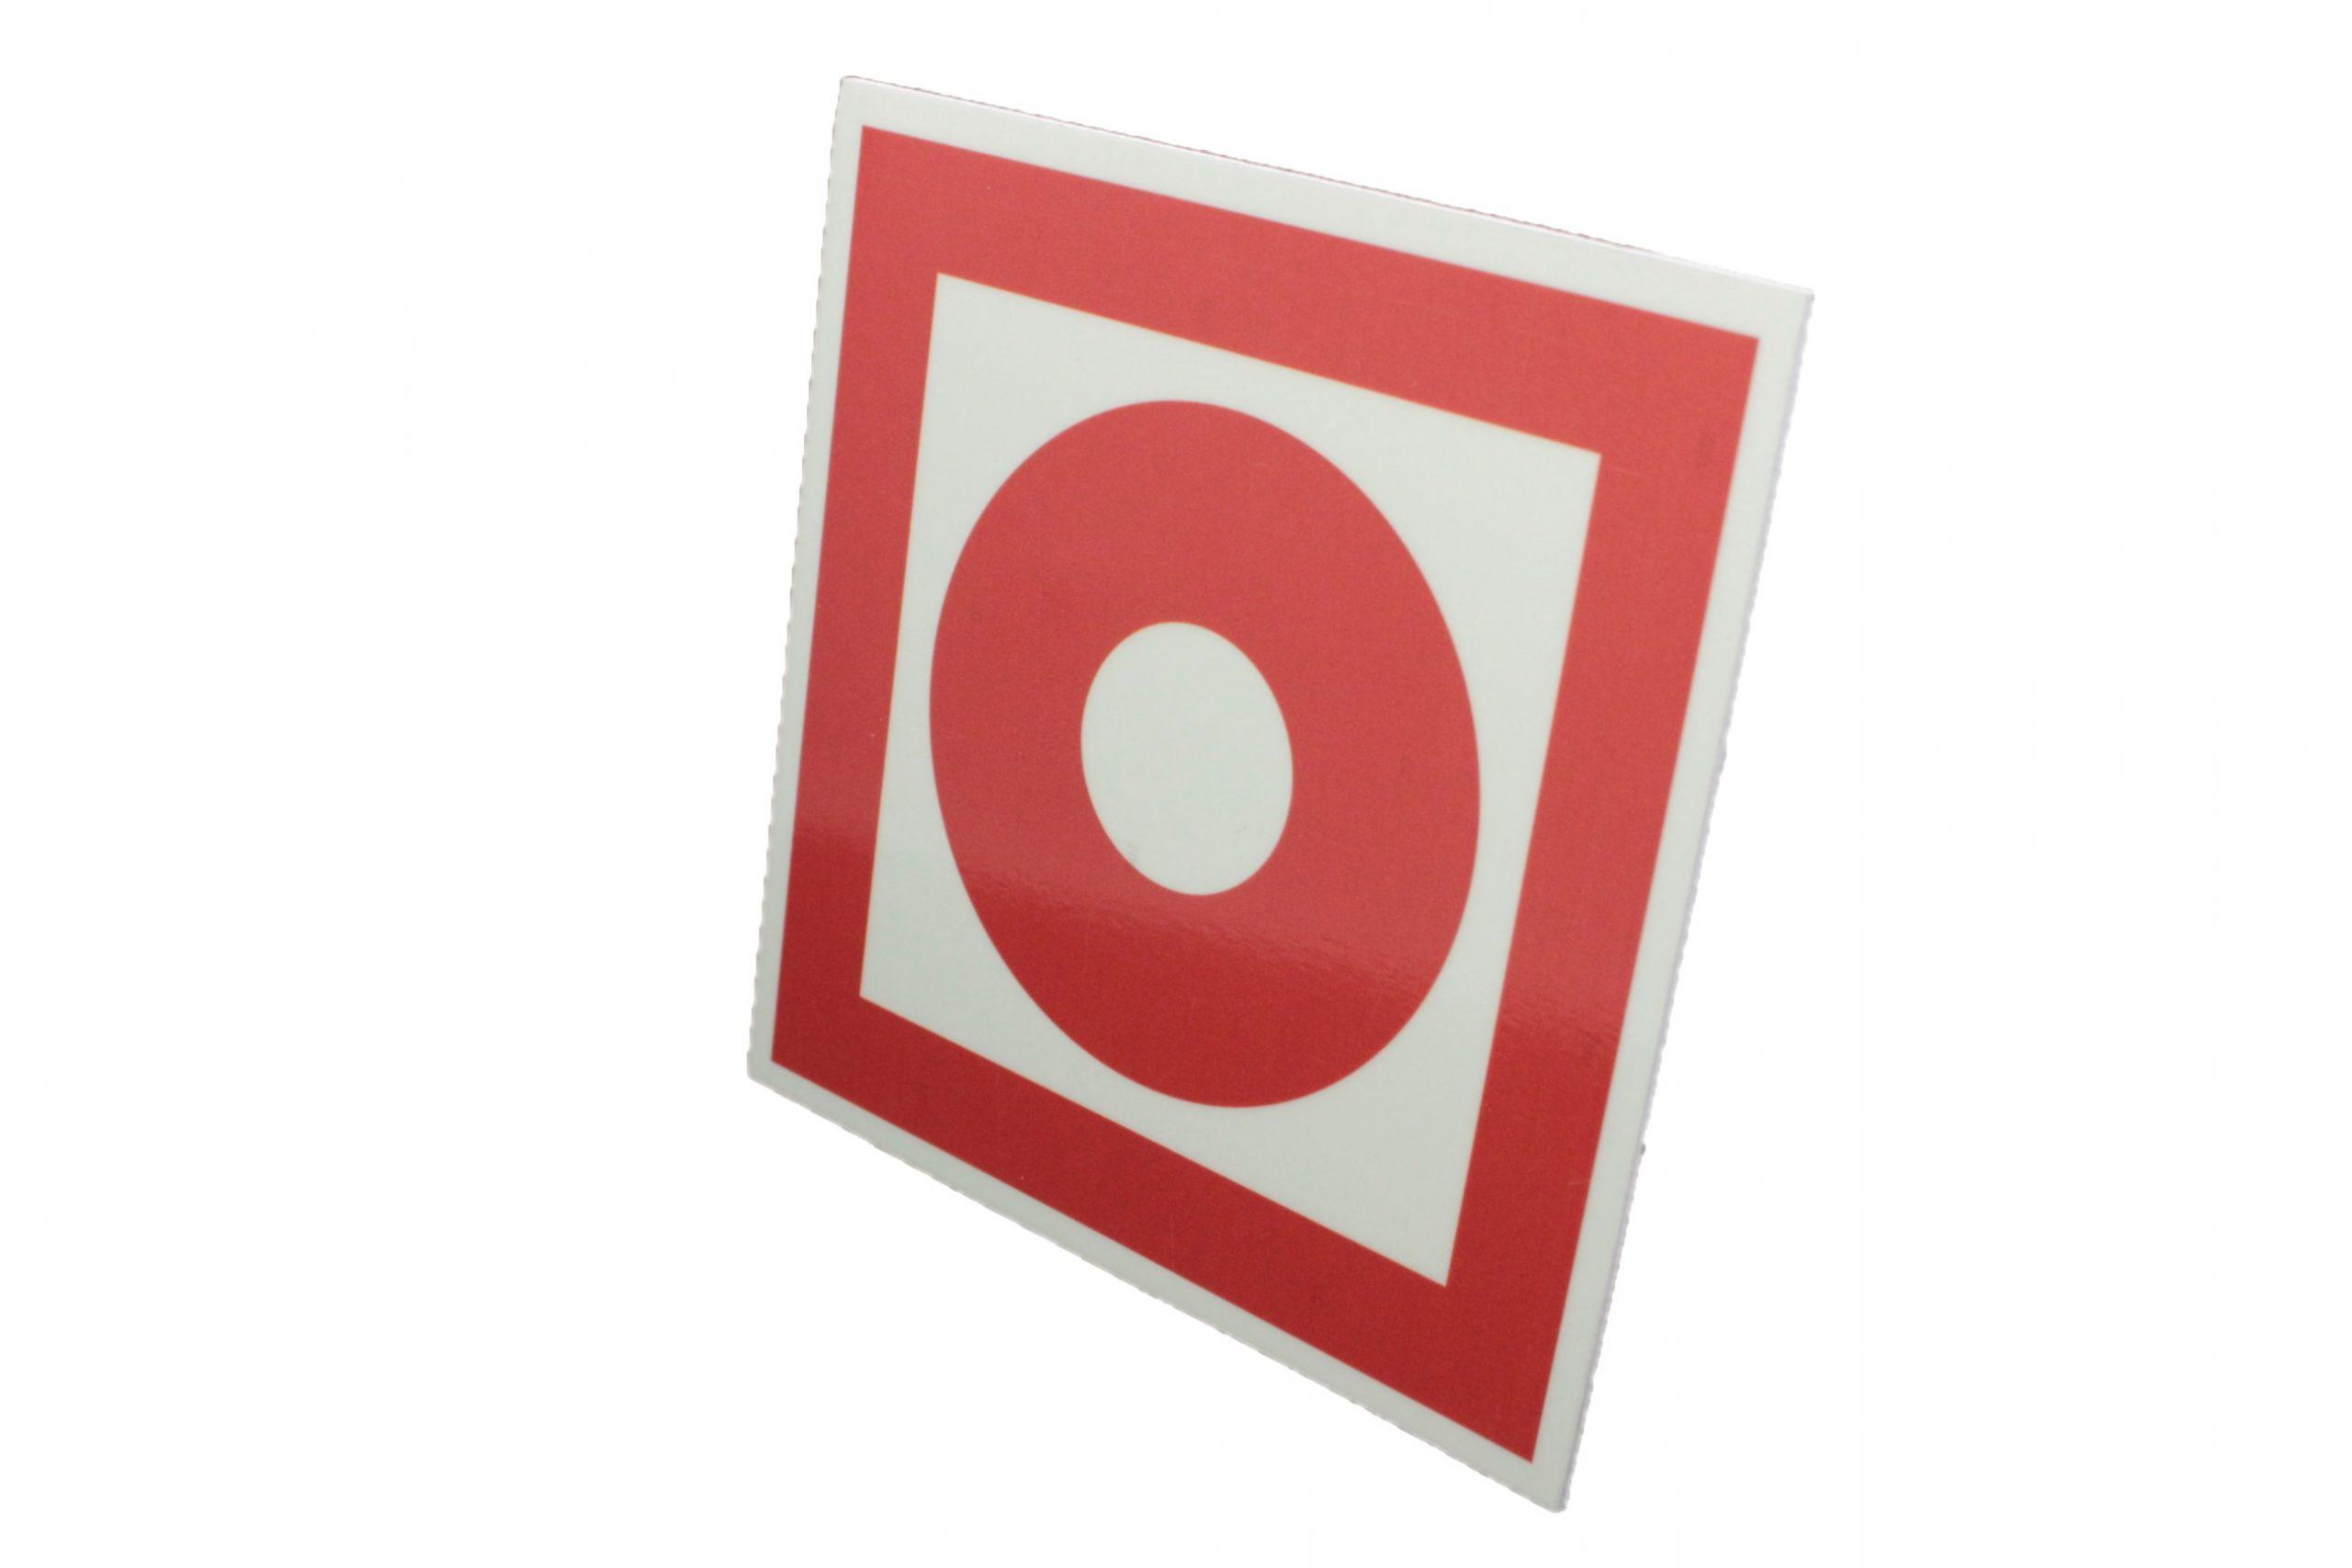 Пожарный знак Кнопка включения систем пожарной автоматики